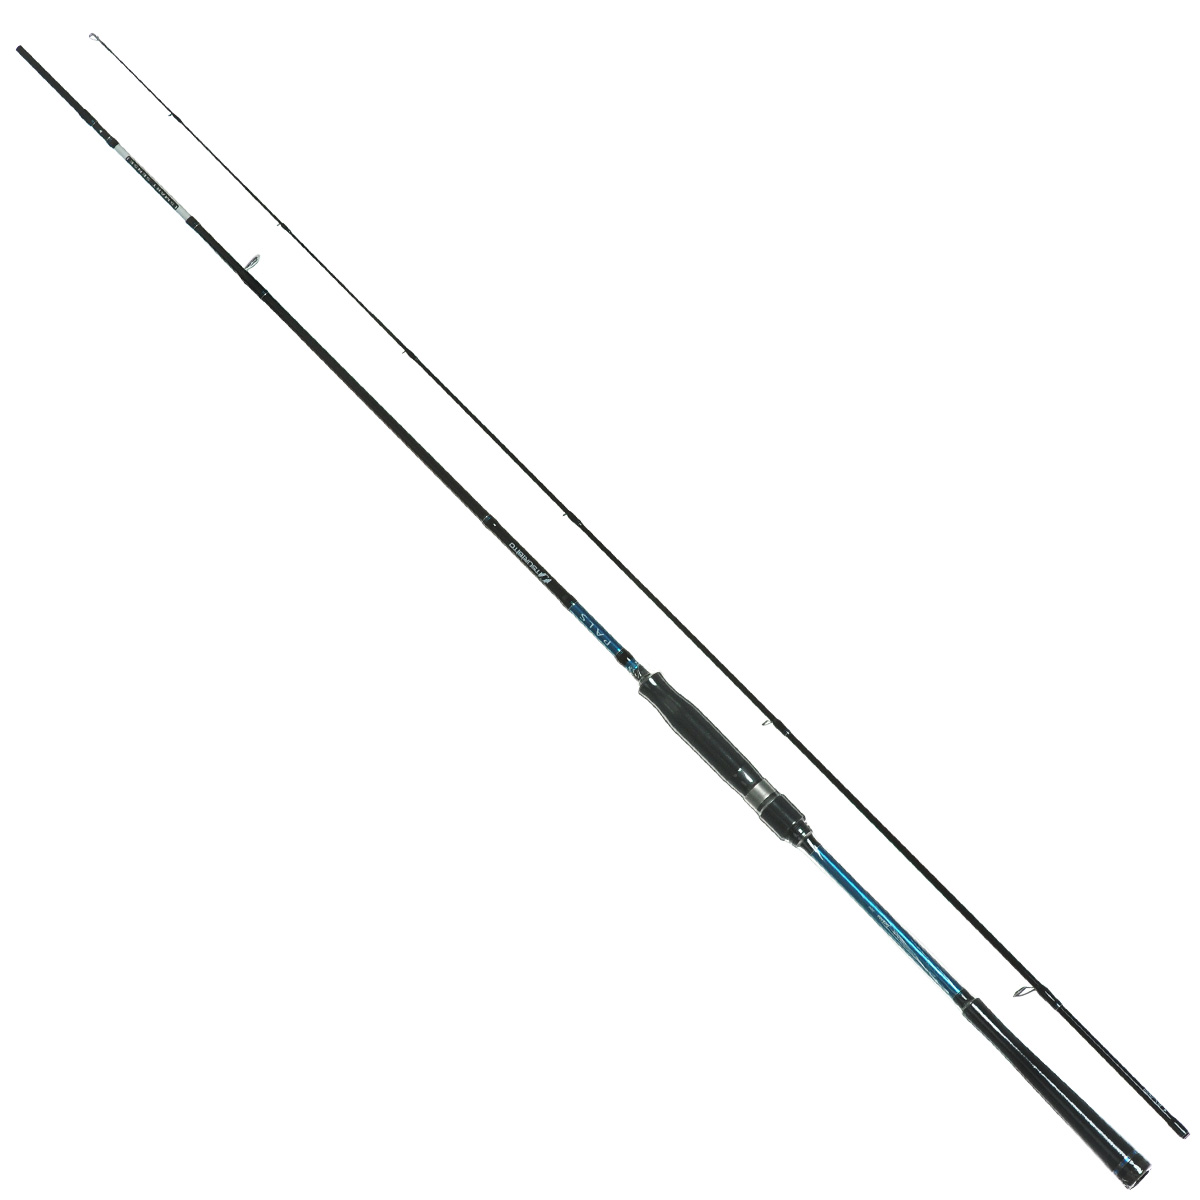 Удилище спиннинговое Tsuribito-Jackson Pals, 2,24 м, 6-20 г78527Спиннинговое удилище Tsuribito-Jackson Pals подойдет как для ловли с лодки, так и с берега. Быстрый строй, отличная сенсорика. Бланк хорошо нагружается - бросковые характеристики этого удилища выше всяких похвал. Спиннинг Tsuribito-Jackson Pals получился универсальным. Отлично подходят для джига, отводного поводка, ловли блеснами всех типов. При разработке удилища основное внимание уделялось: Качеству: все удилища выполнены на основе бланков из высокомодульного карбона, оснащены кольцами и катушкодержателем от FUJI. Рабочим характеристикам: высокой чувствительности и прочности бланков, дальности заброса. Дизайну и эргономике: удилище выполнено в современном японском стиле. Вкусовым предпочтениям конечного потребителя: расстановке колец, строю, тестовым диапазонам. Экономике: при высочайшем качестве продукта, цена на удилище приятно удивит как конечного потребителя, так и дистрибьютора.Тест: 6-20 г.Строй: быстрый.